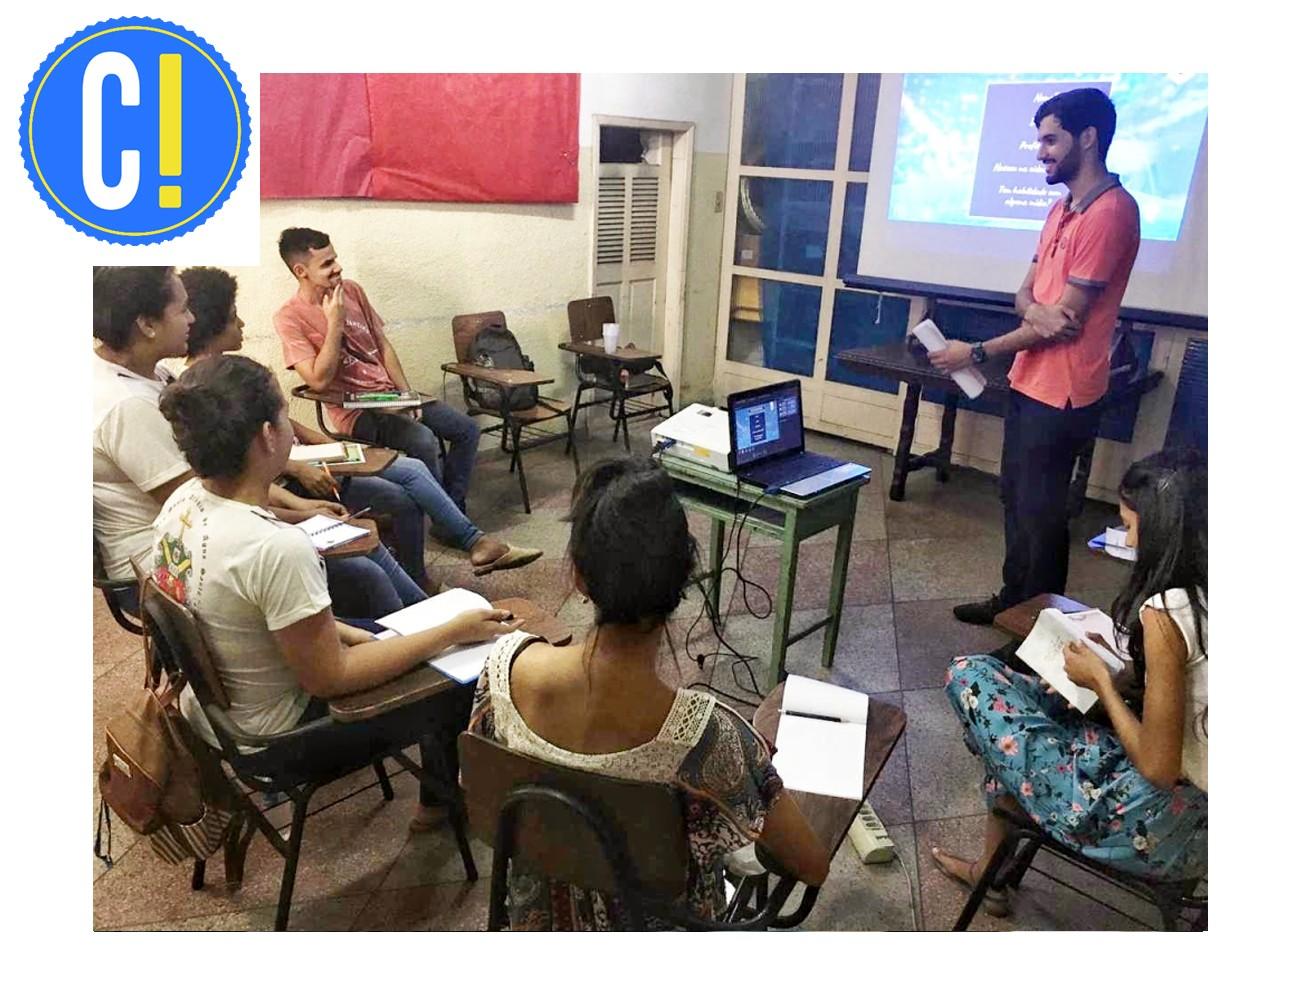 Facoppiano aplica projeto de Educomunicação no Rio de Janeiro